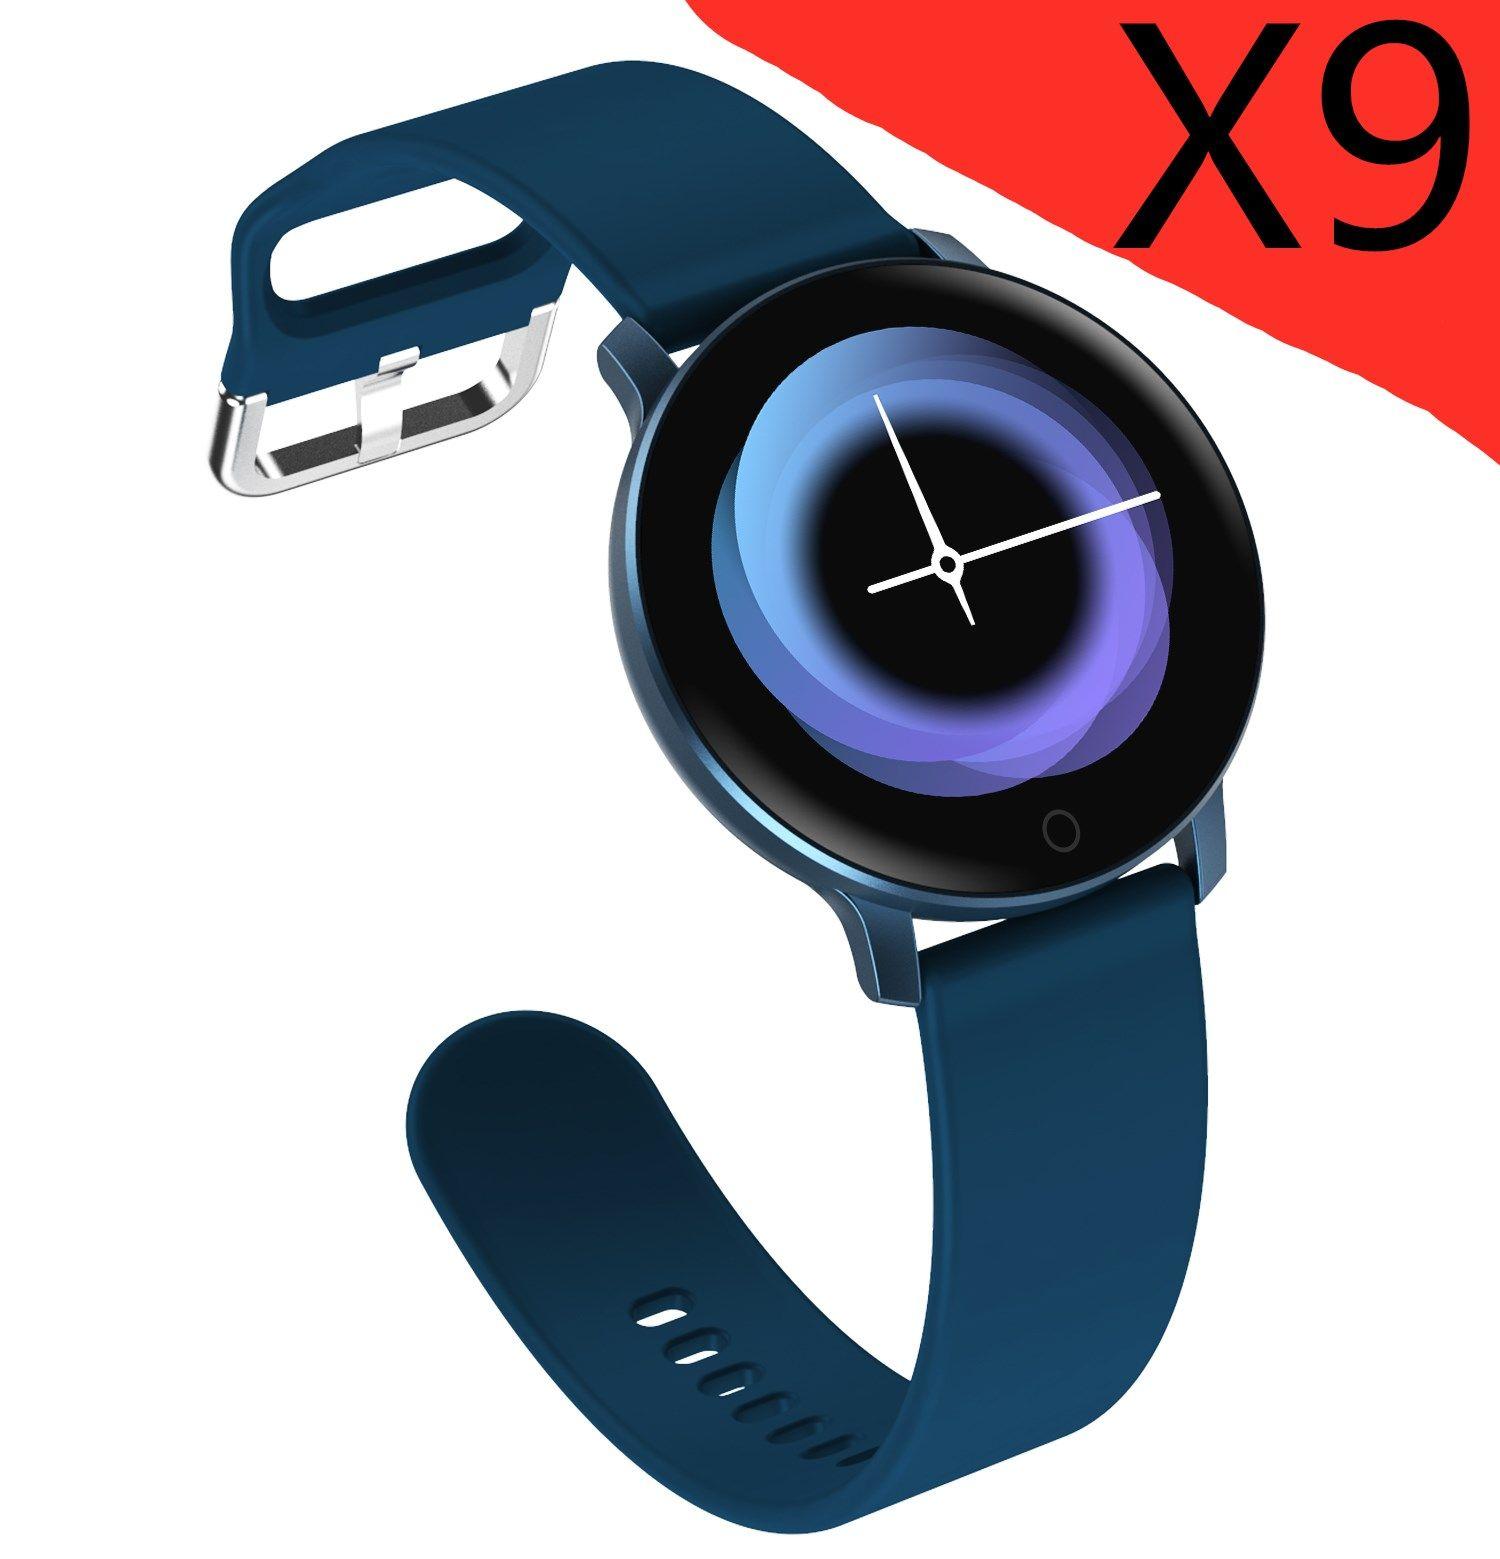 Inteligente reloj pulsera inteligente X9 rastreador de ejercicios de ritmo cardiaco correa de reloj inteligente de correas para el iPhone de Apple teléfono Android con Box